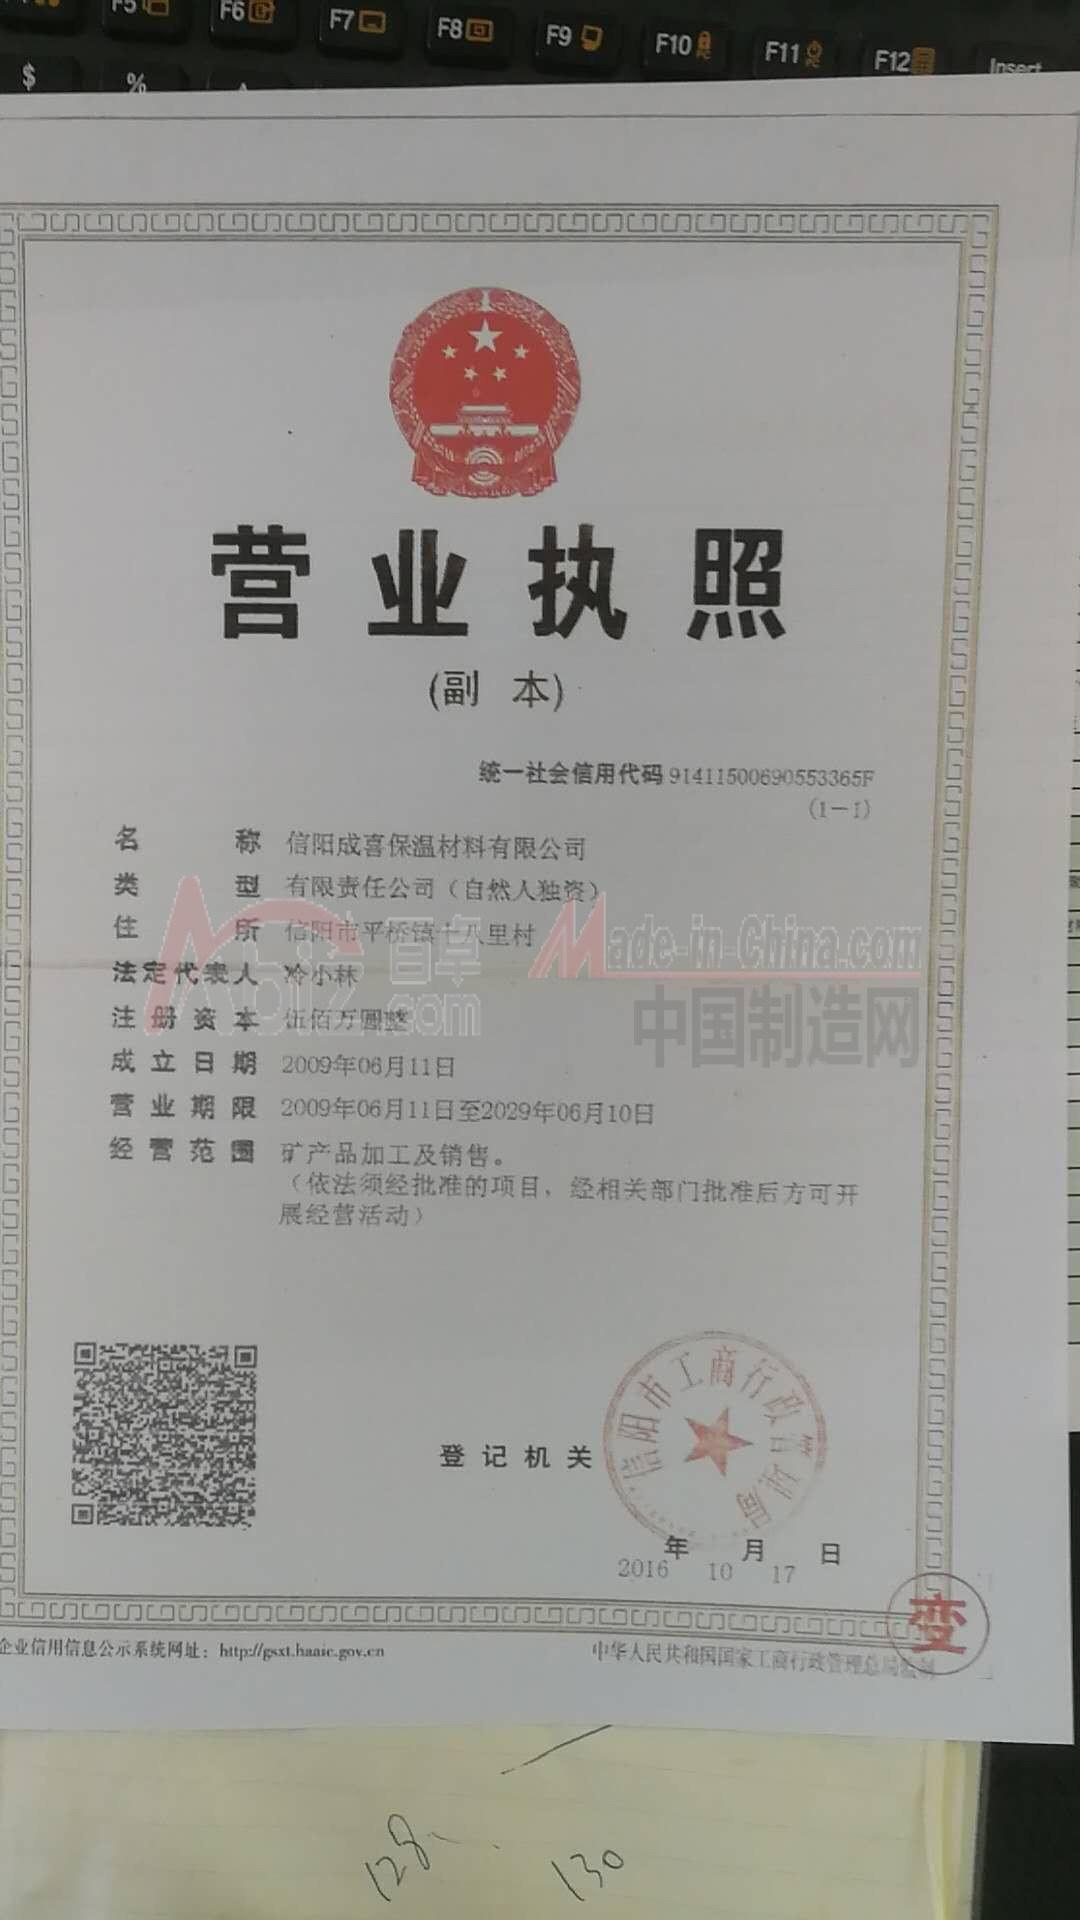 信阳成喜保温材料有限公司-营业执照.jpg